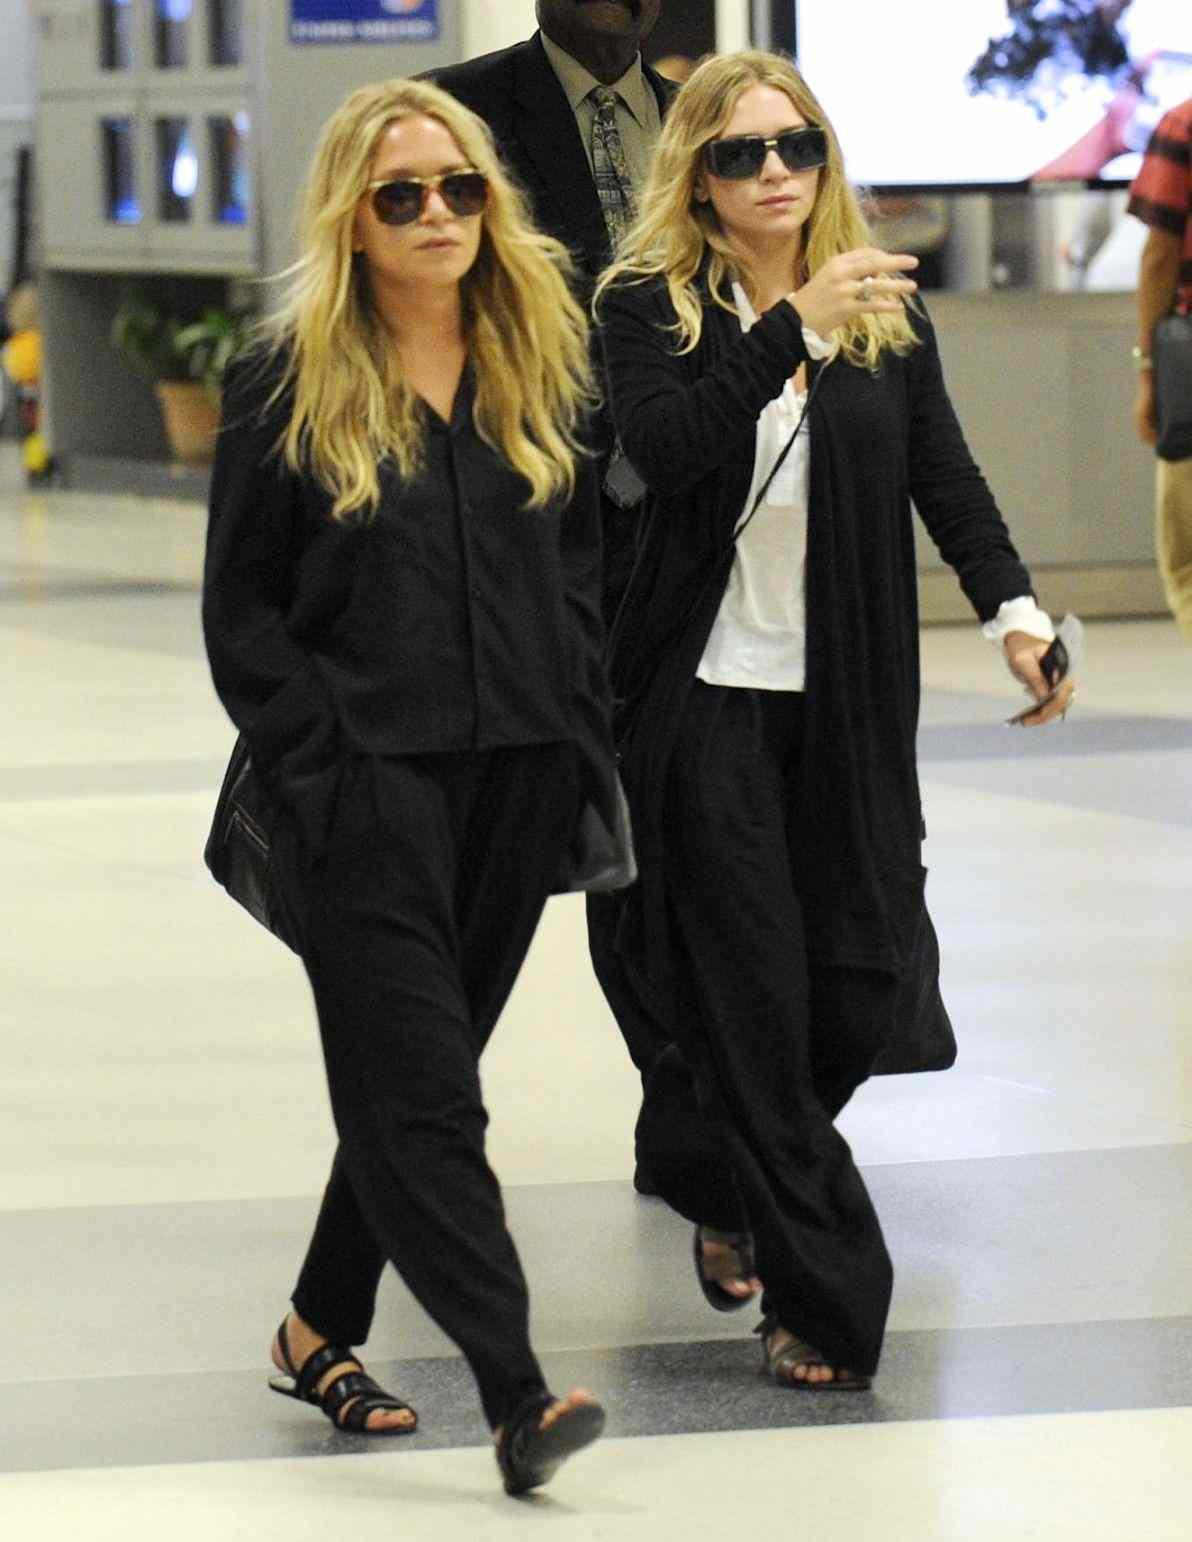 Il est très important d\'investir dans un pantalon noir qui vous fit parfaitement bien. Il devient alors un allié de taille aussi bien pour des looks du jour que du soir.